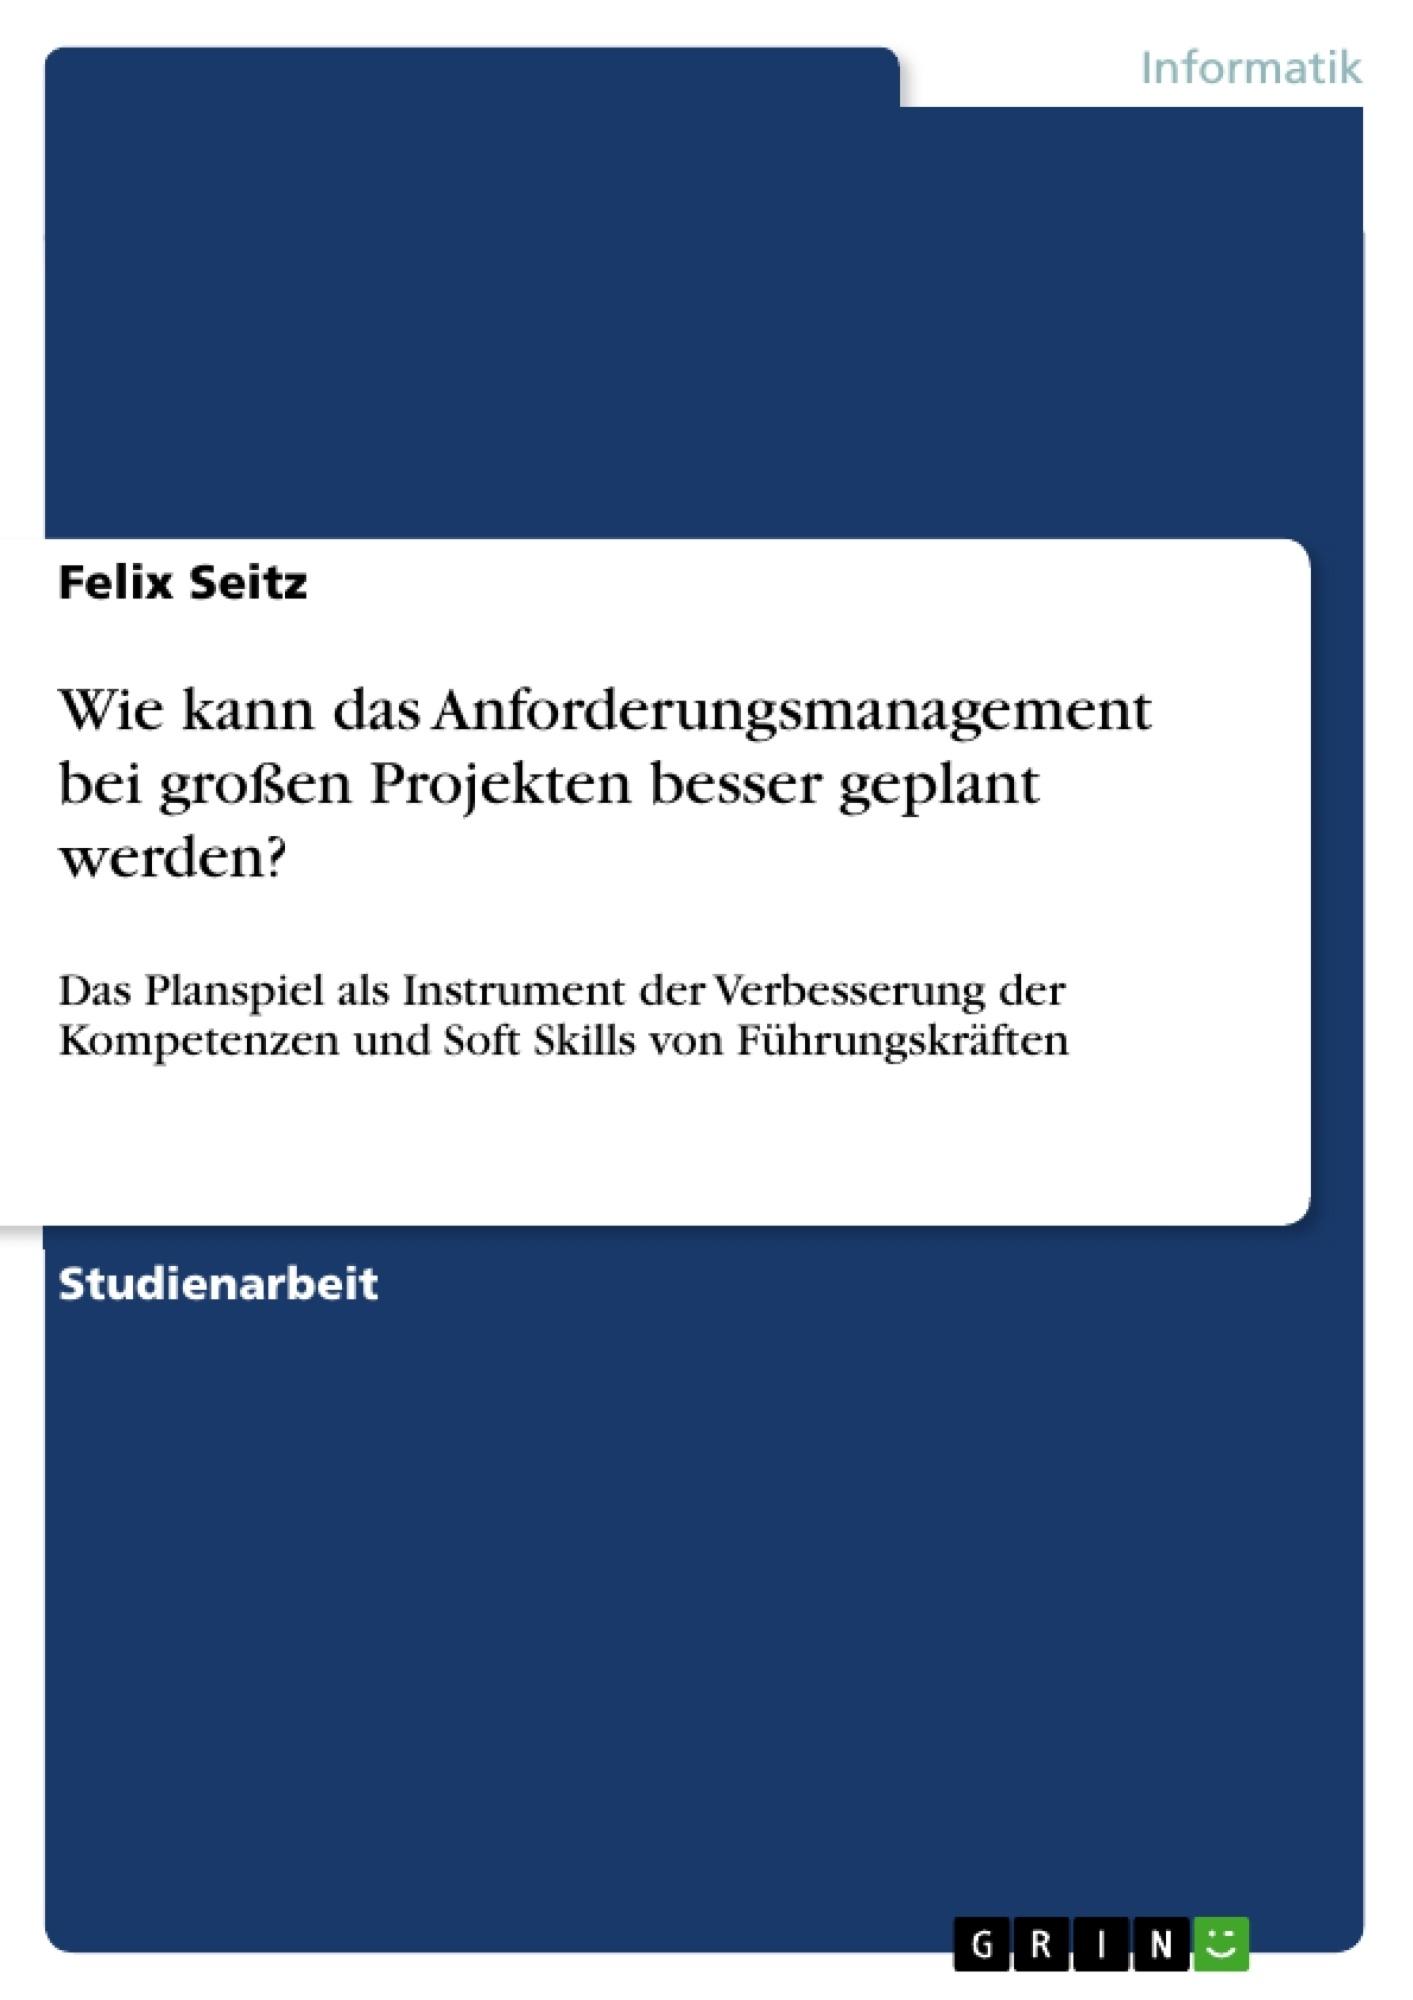 Titel: Wie kann das Anforderungsmanagement bei großen Projekten besser geplant werden?